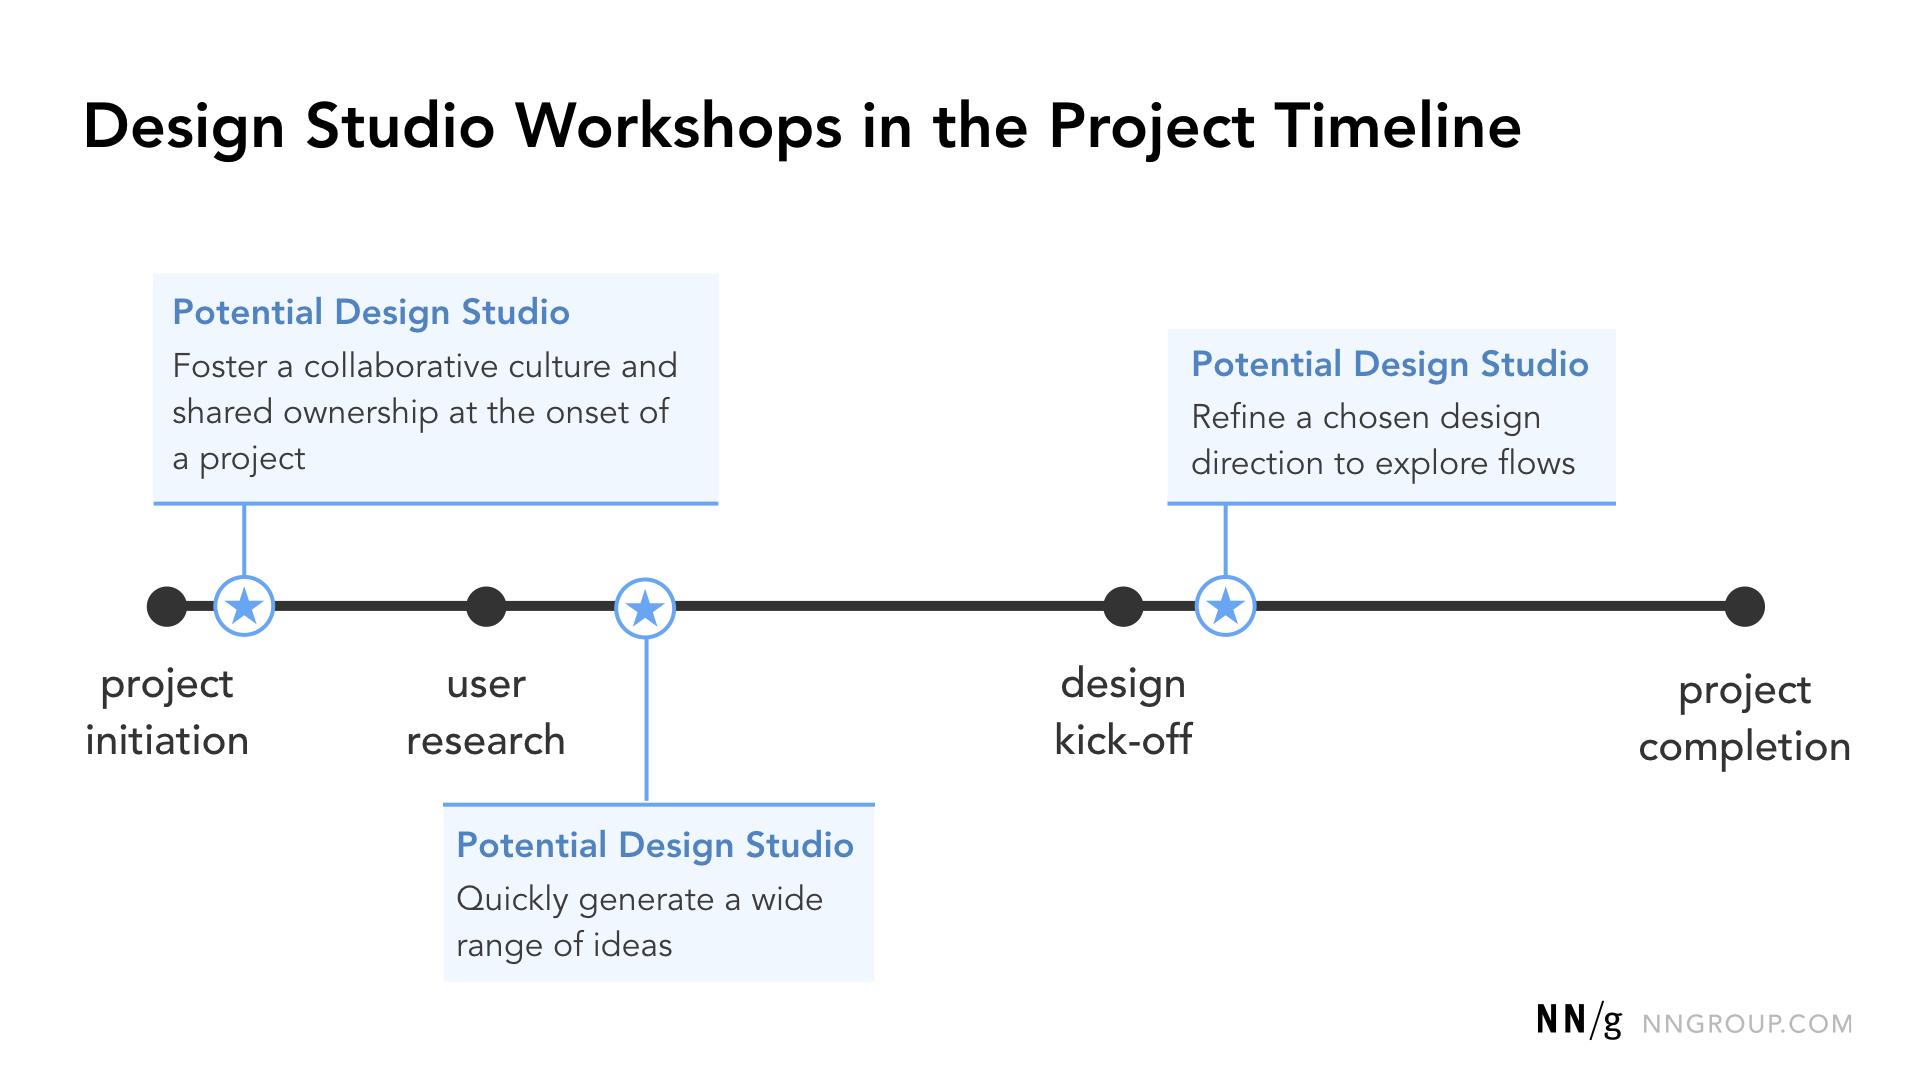 Opportunités communes pour les ateliers de conception à travers une chronologie de conception de haut niveau